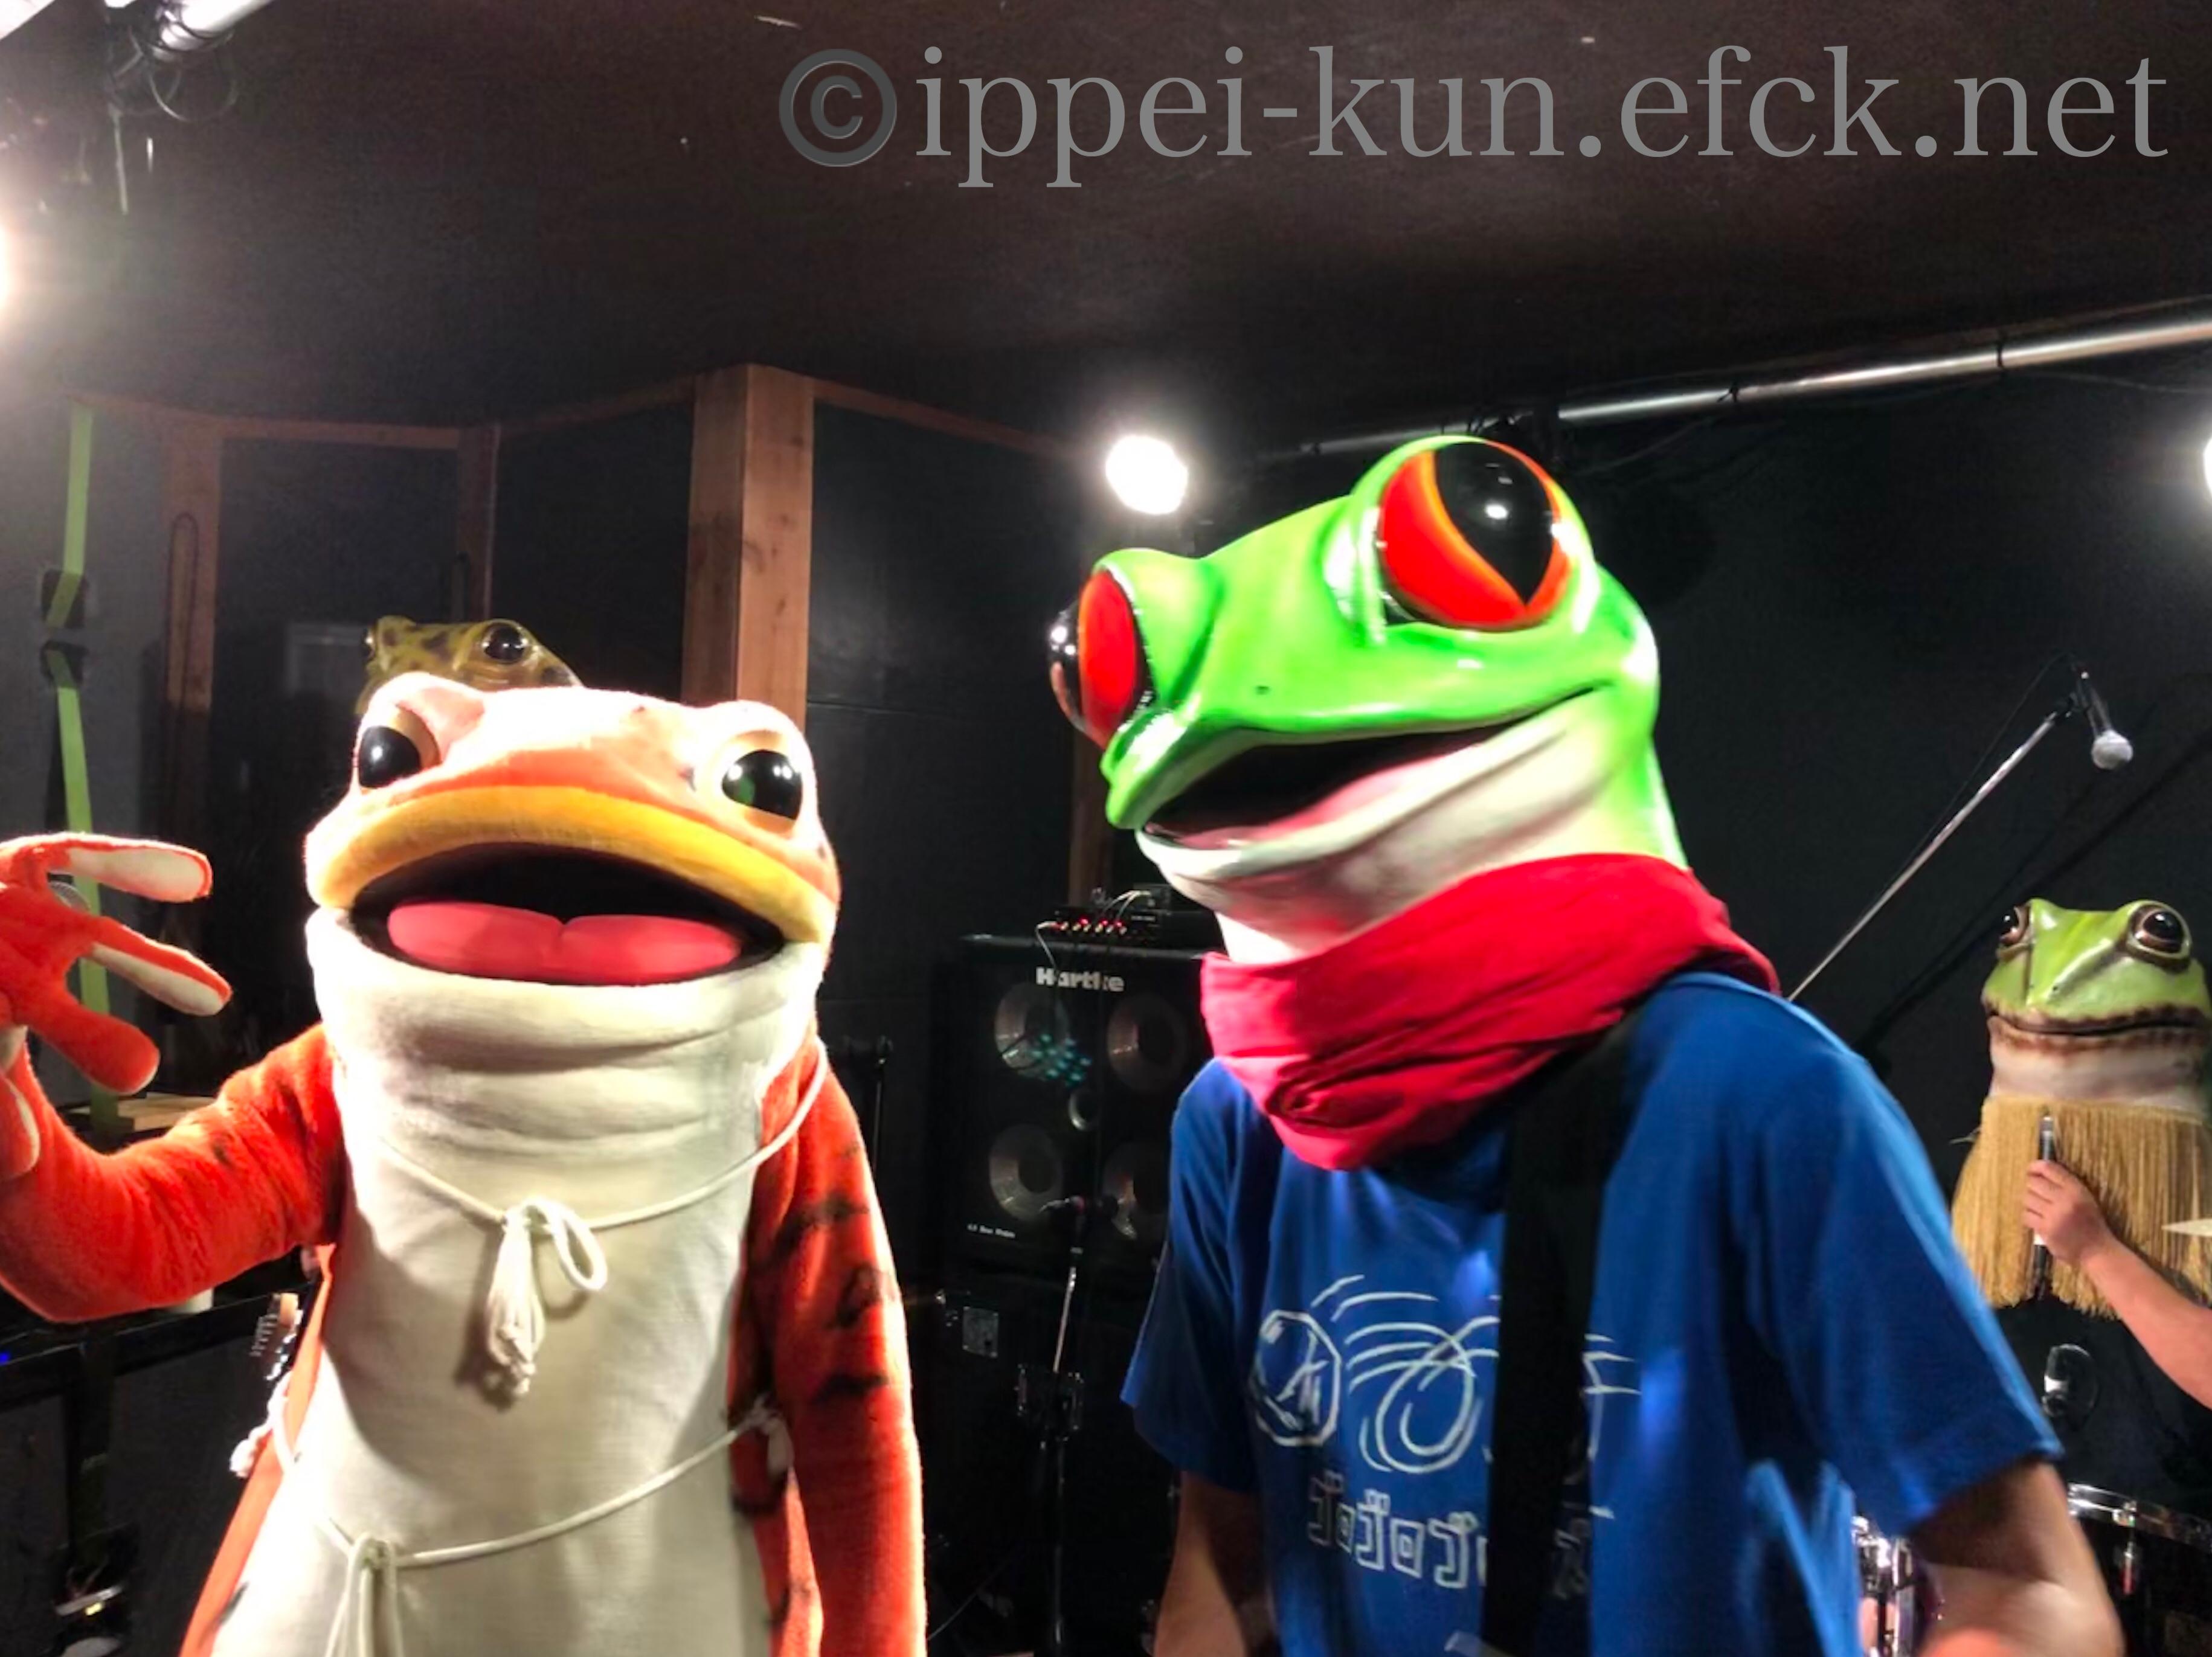 ラスト松山!?25th LIVE観察日記~ #ゴロゴロゴロンズ vol.15~